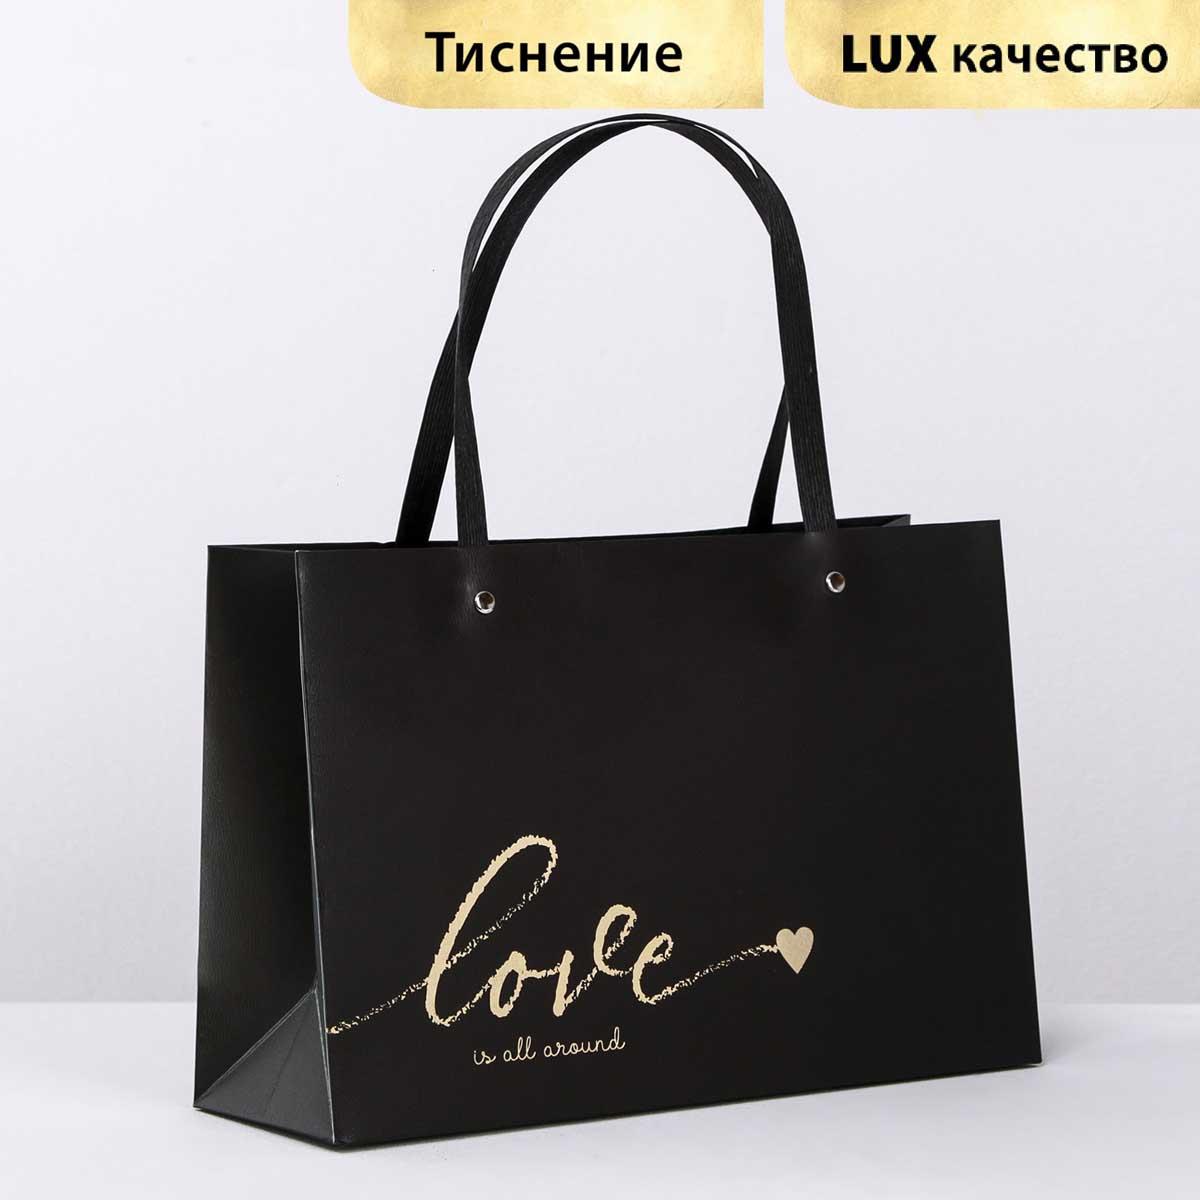 4131805 Пакет подарочный Love, 20*30*10 см